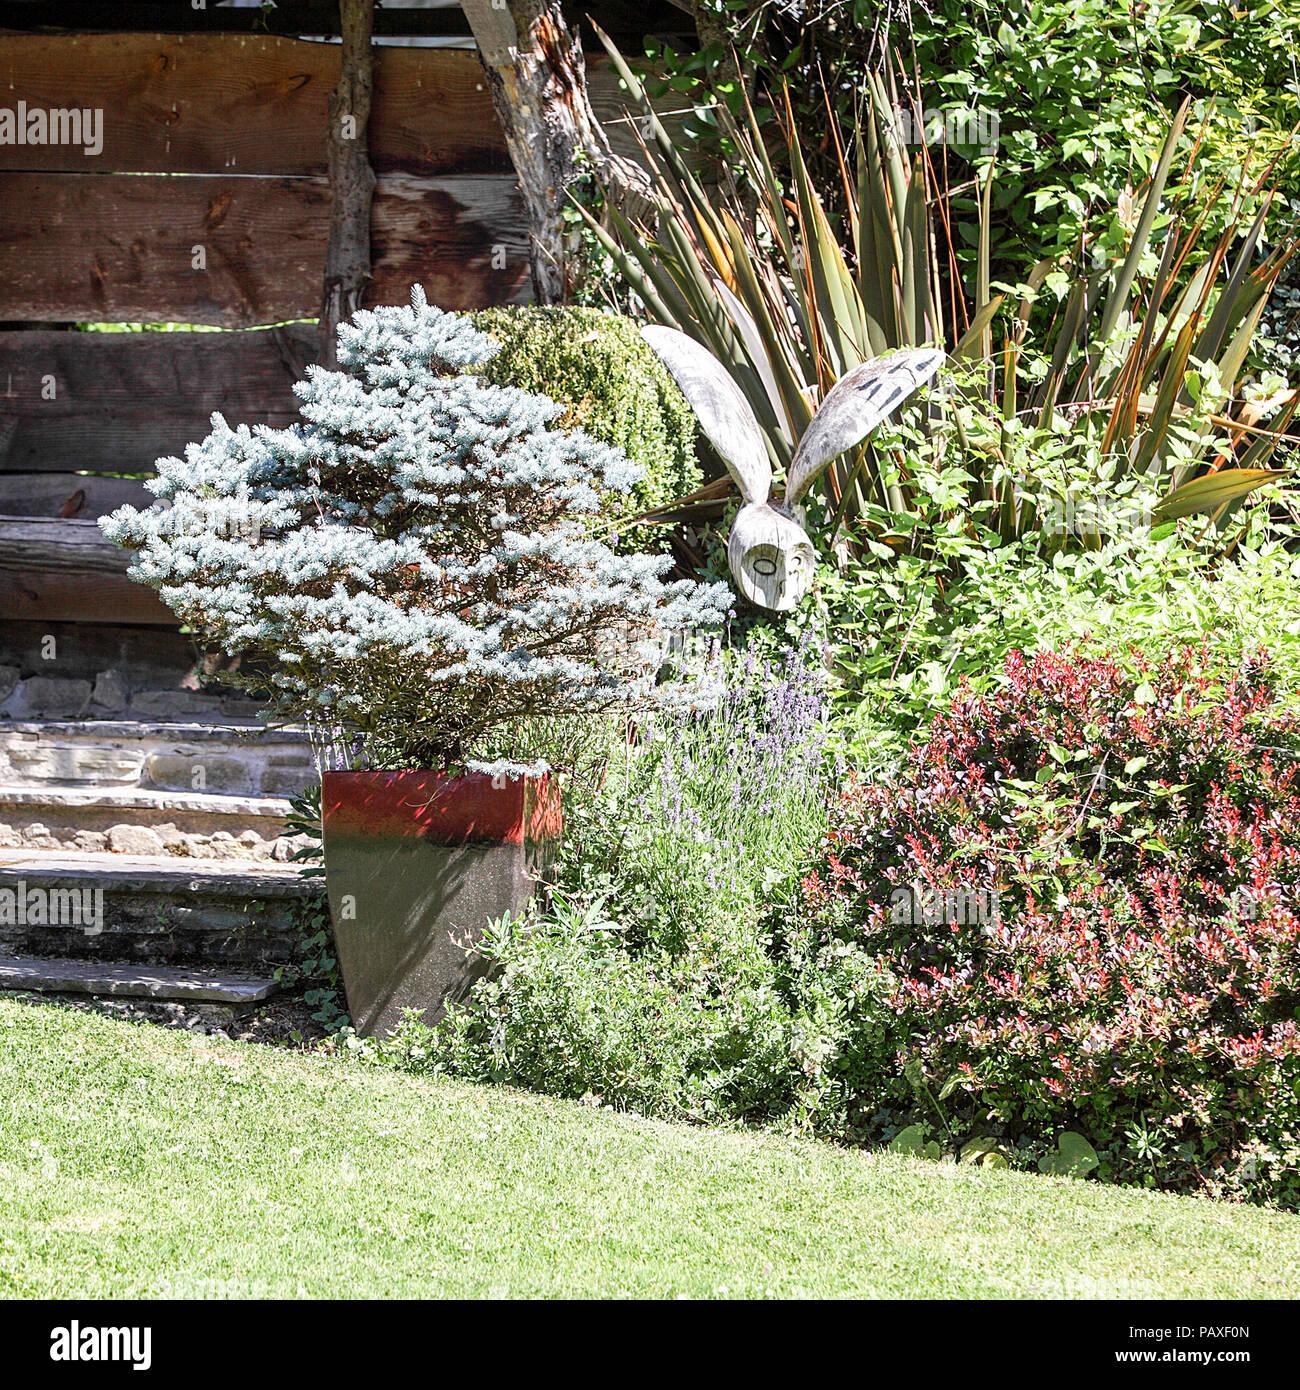 landscaped garden belonging to derwens garden centre in guilsfield